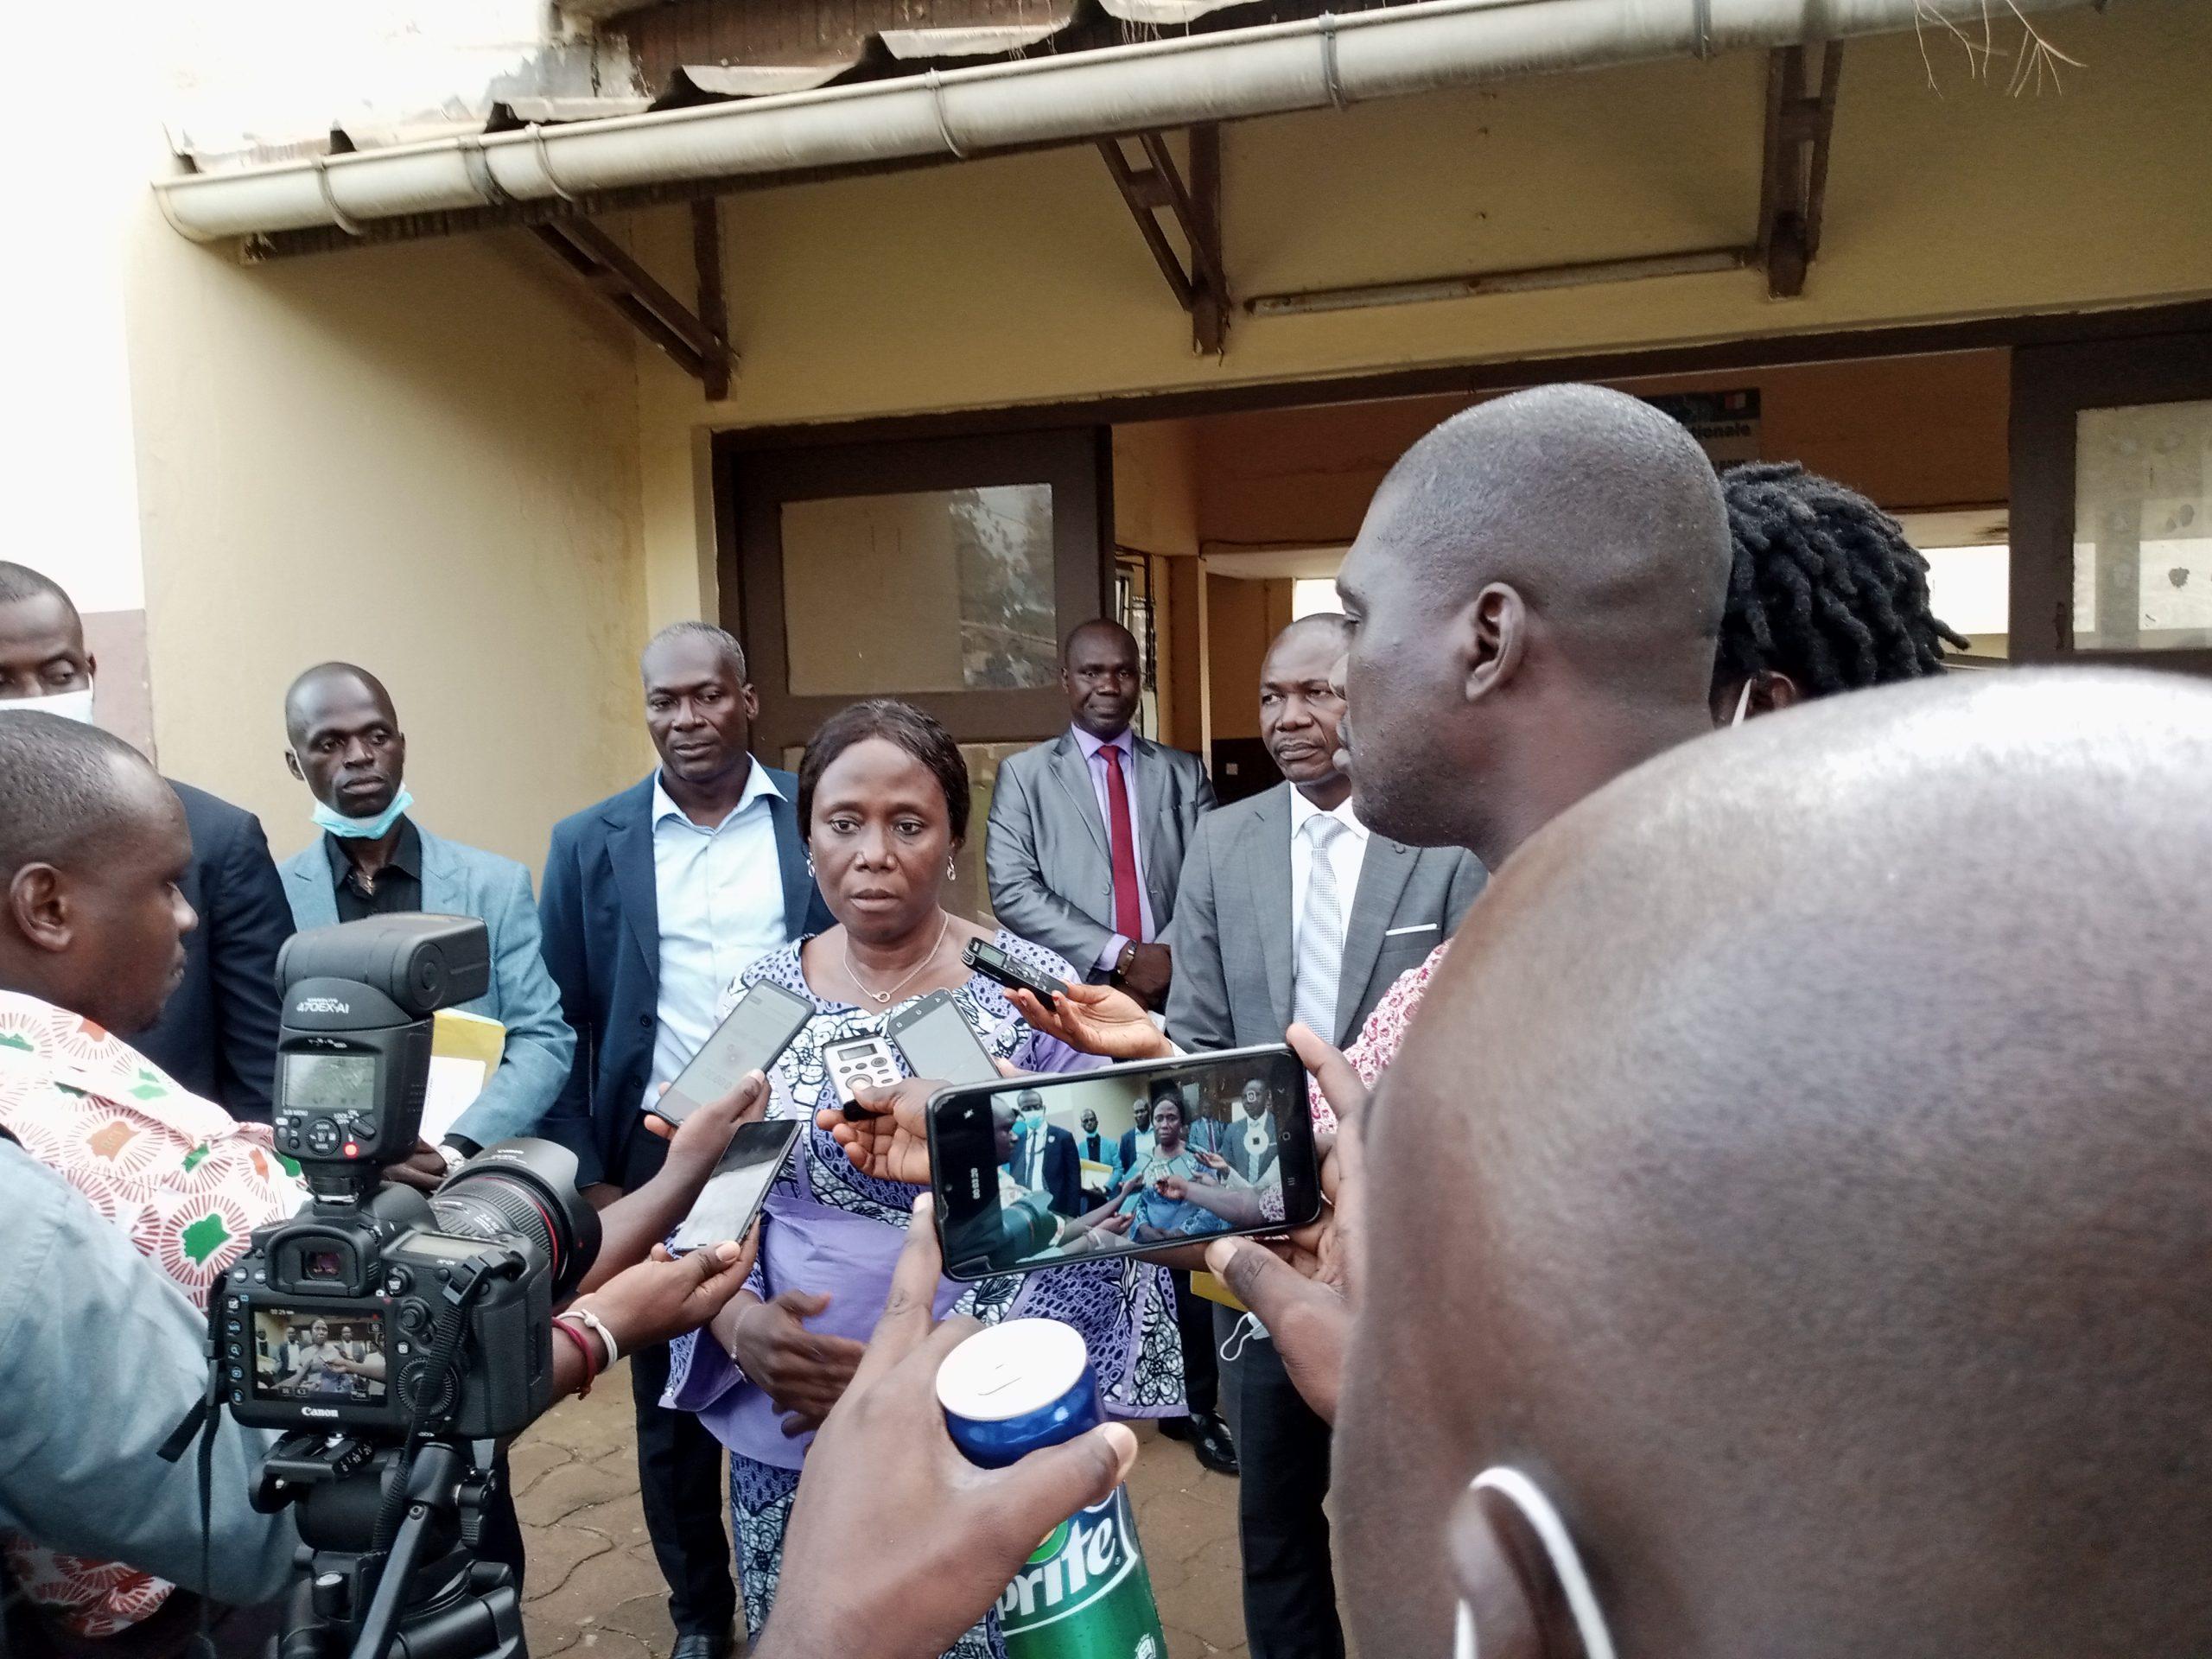 [Visite] La secrétaire d'État chargée de la Protection civile, Mme Clarisse Kayo Mahi, s'imprègne des réalités de l'école des sourds et de l'Institut des aveugles